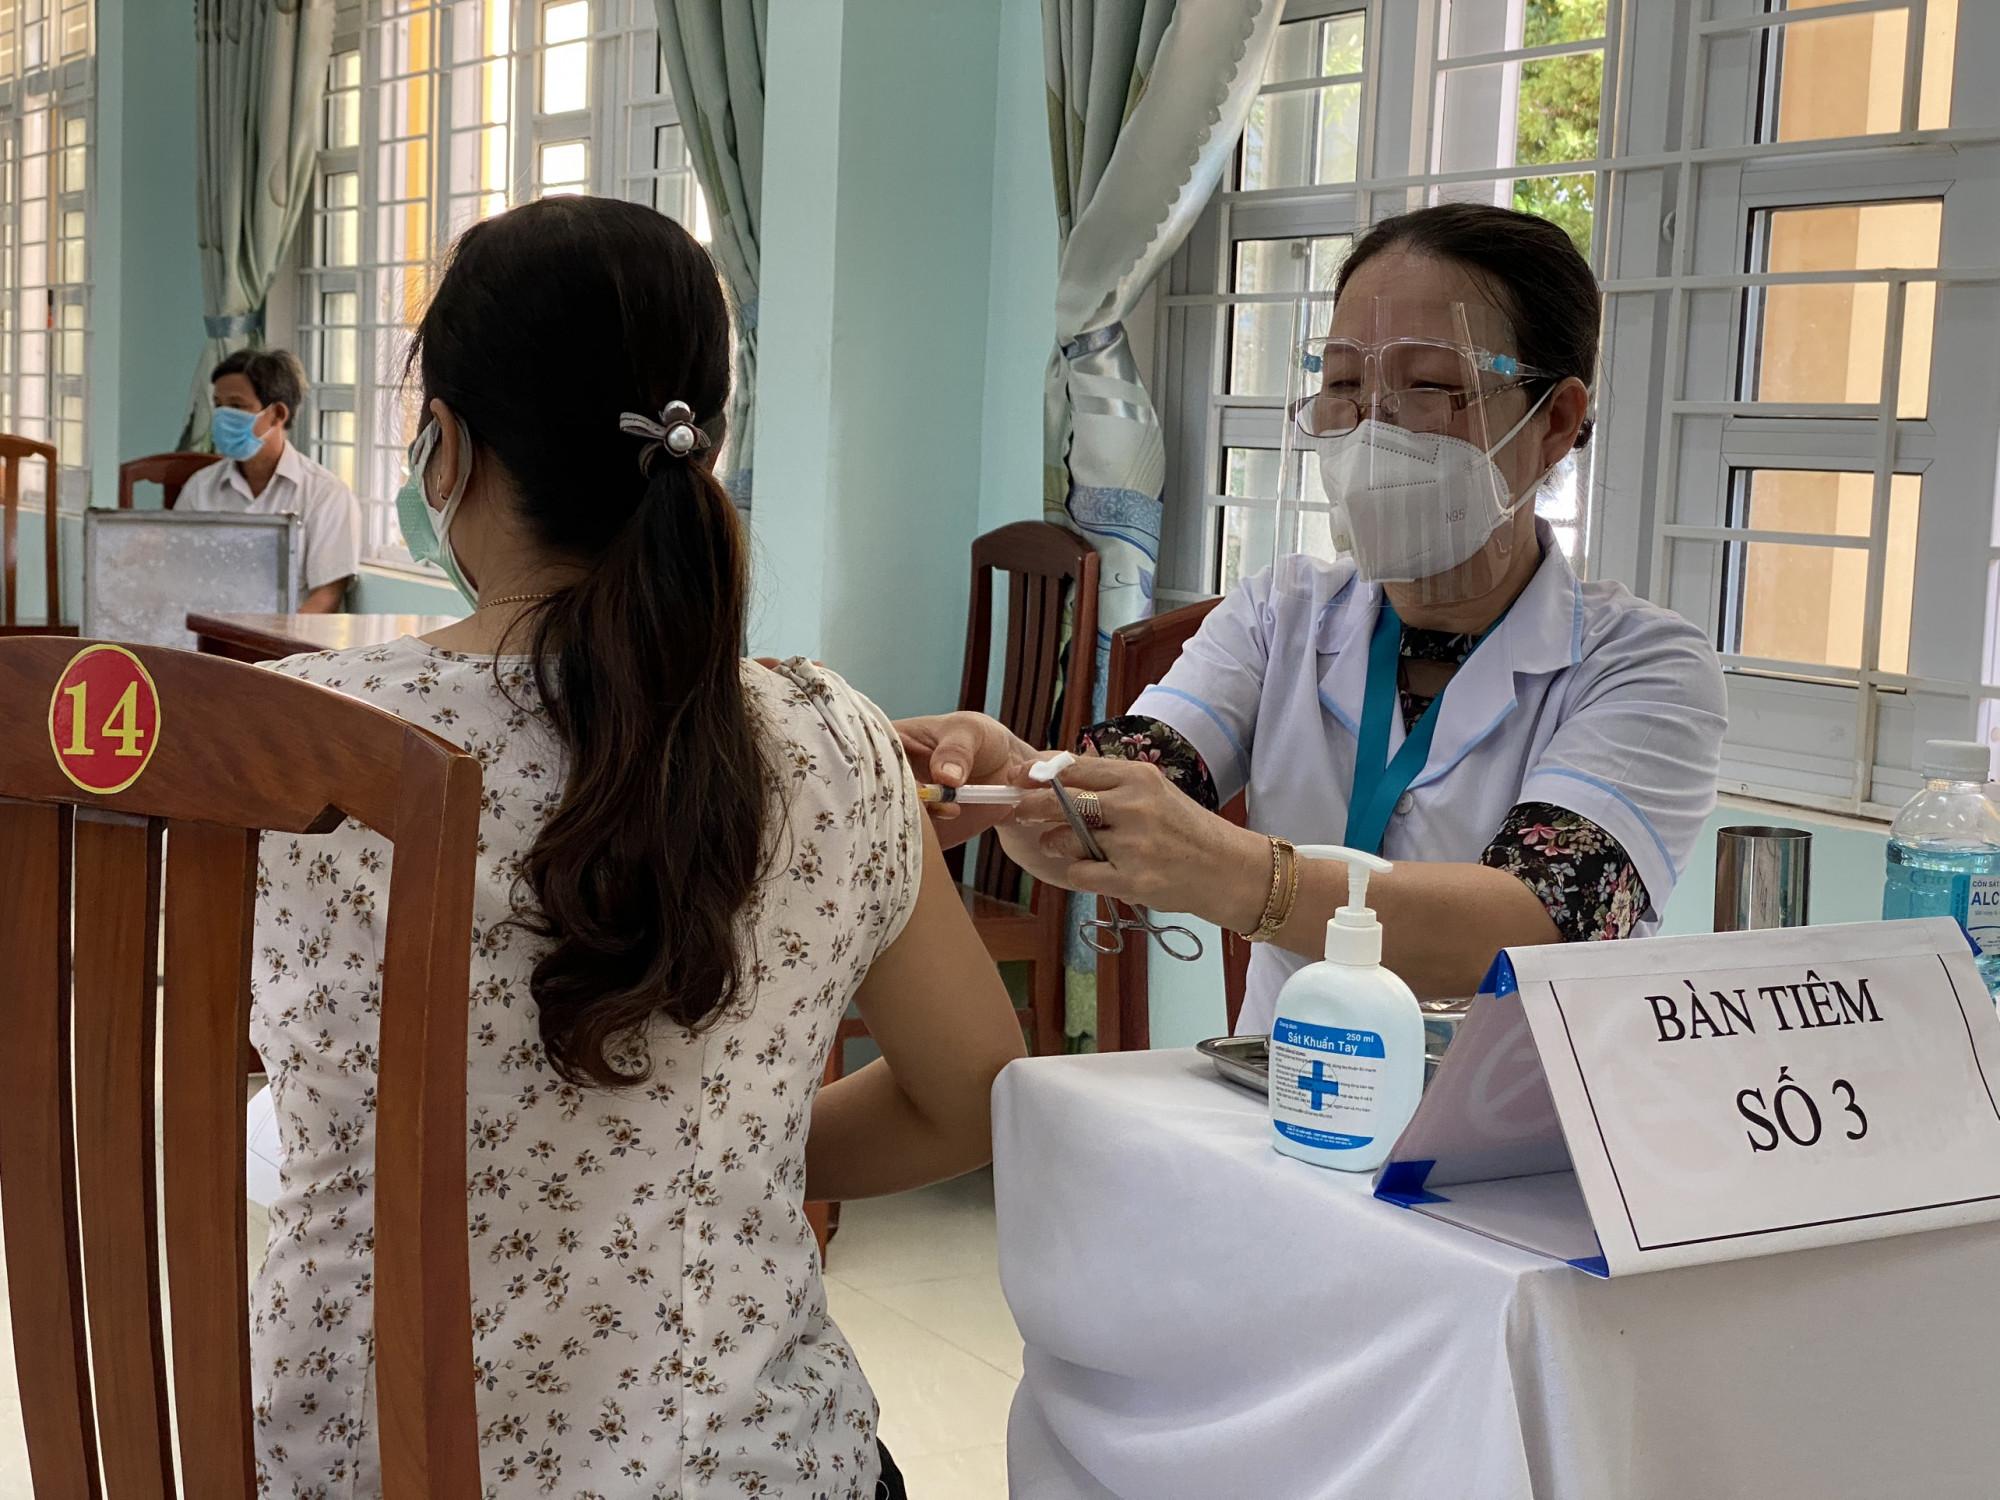 Bộ Y tế đề nghị khẩn trương rà soát, thuyết phục phụ nữ mang thai trên 13 tuần tham gia tiêm chủng vắc xin COVID-19